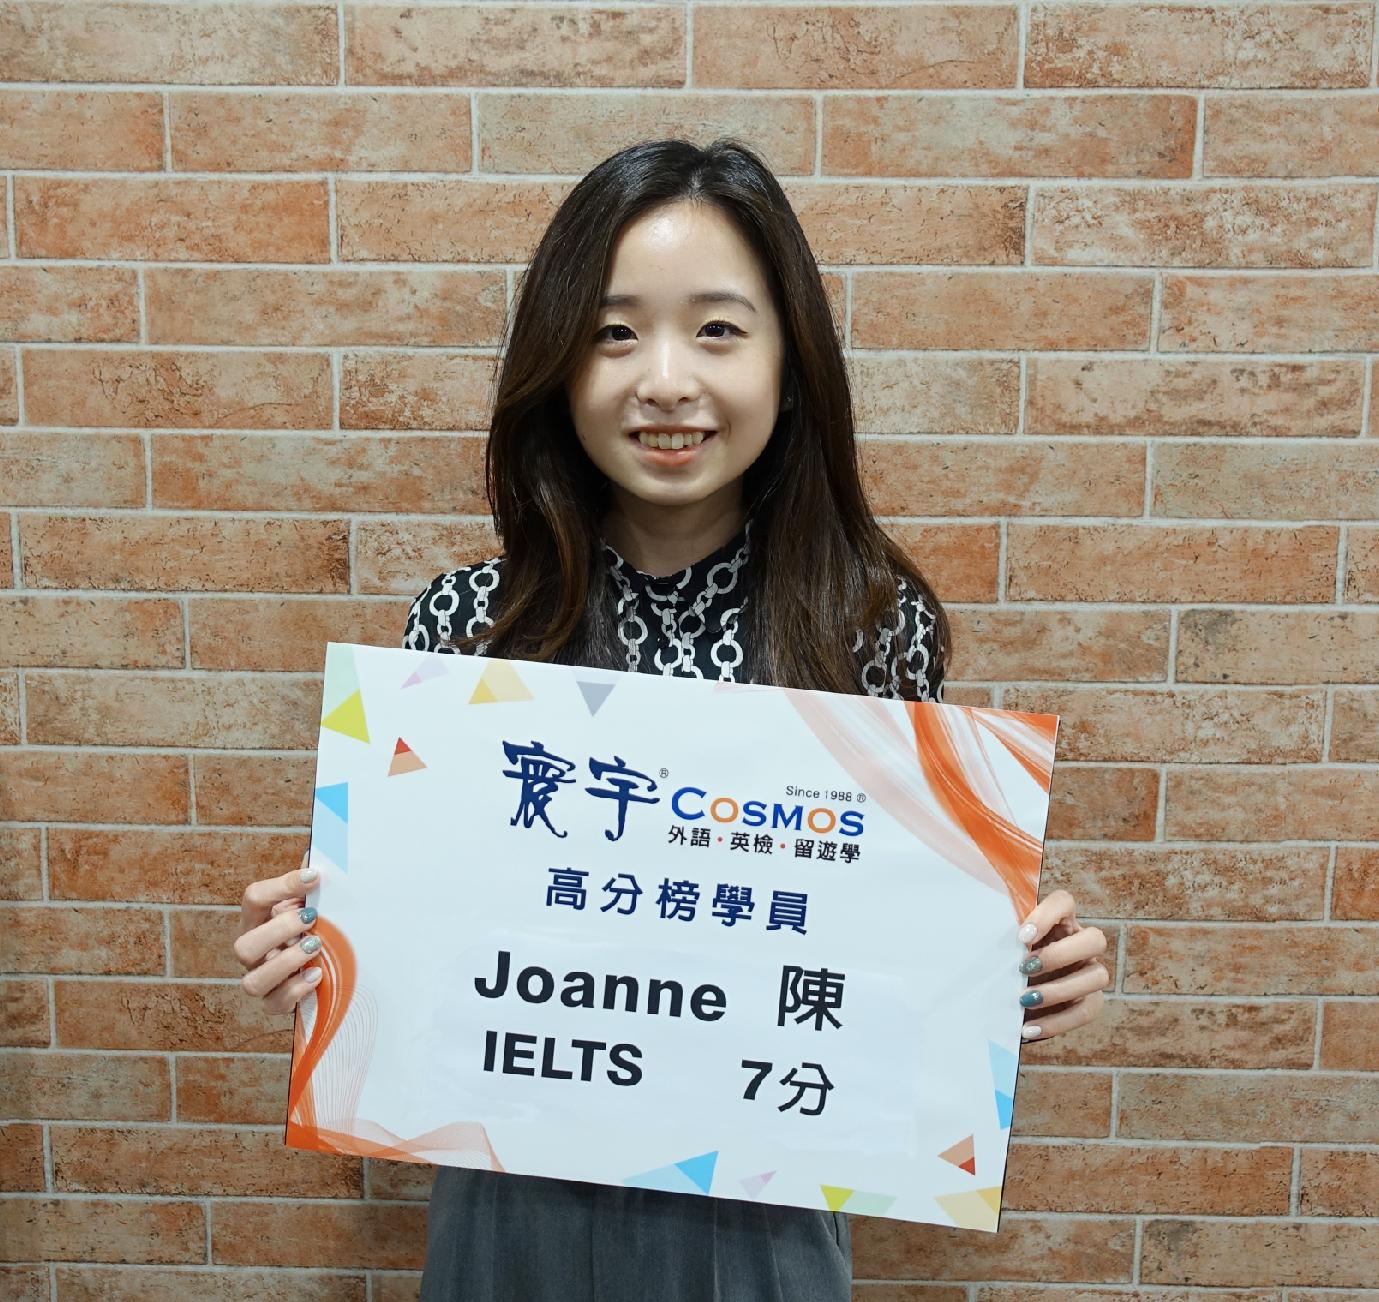 Joanne 陳